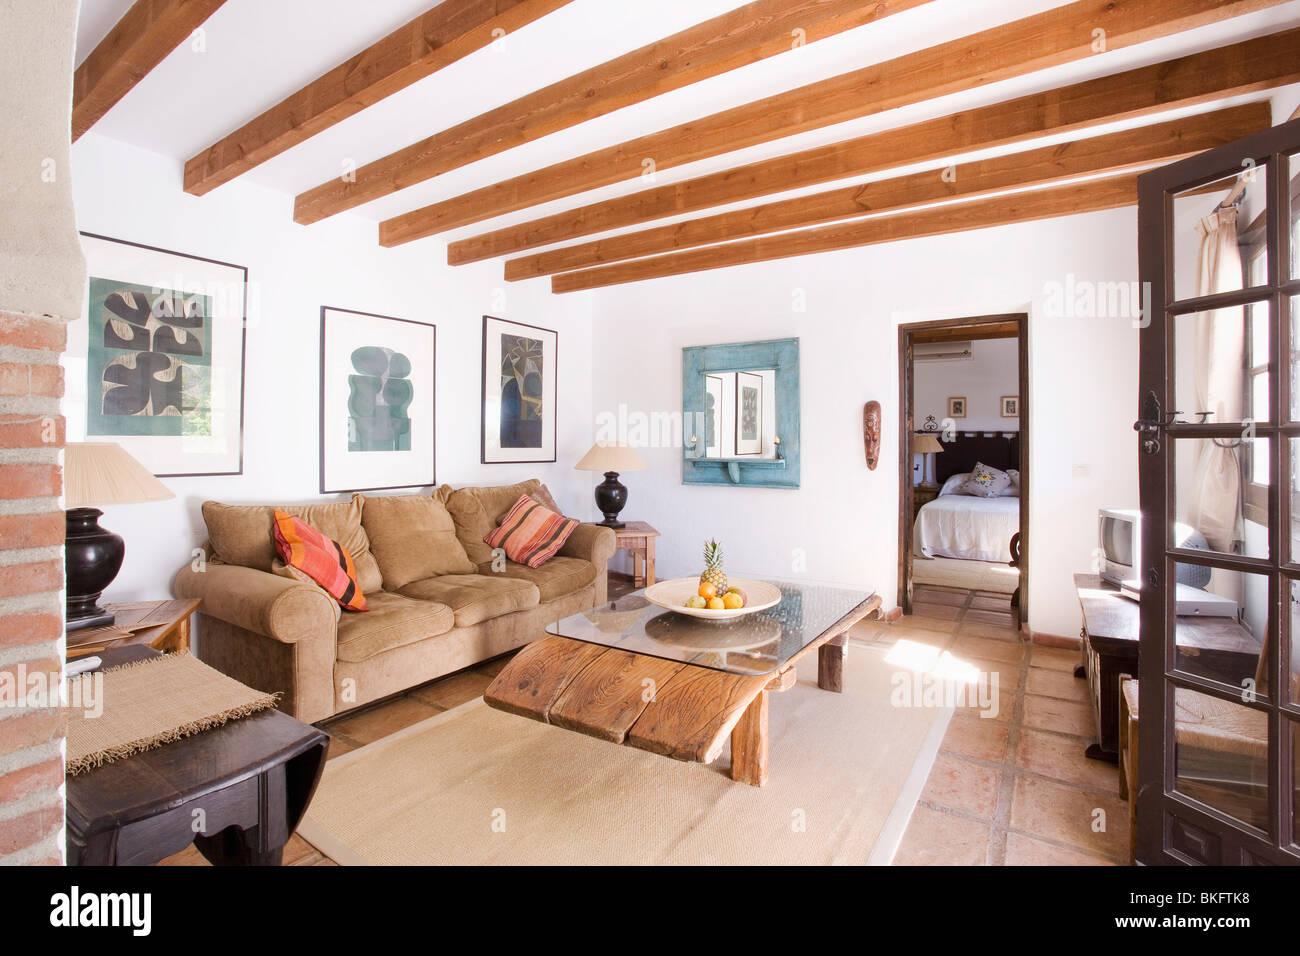 Im Holzbalken Spanische Wohnzimmer Mit Rustikaler Couchtisch Aus Holz Und  Creme Teppich Beige Velour Sofa